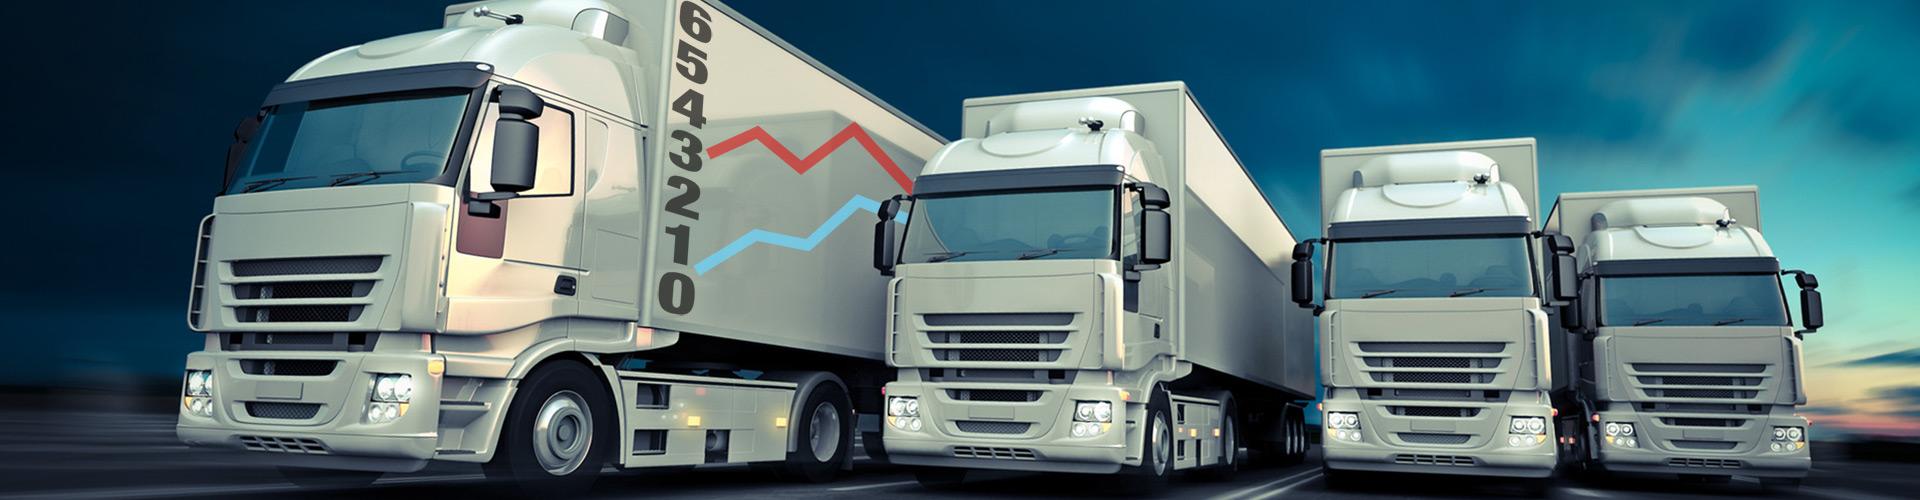 header-trucks